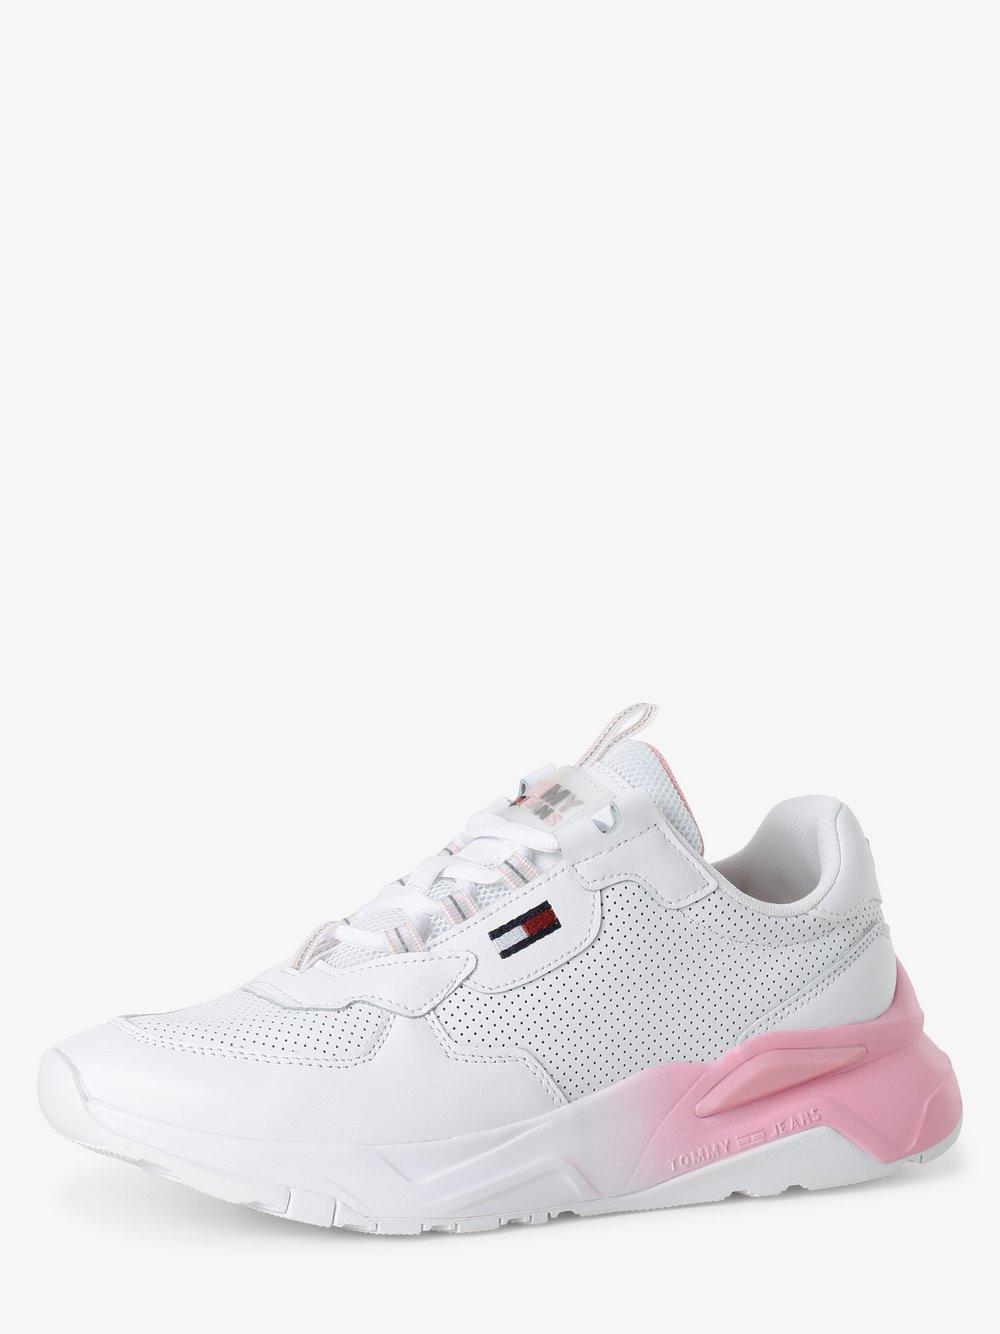 Tommy Jeans - Damskie tenisówki ze skóry, biały